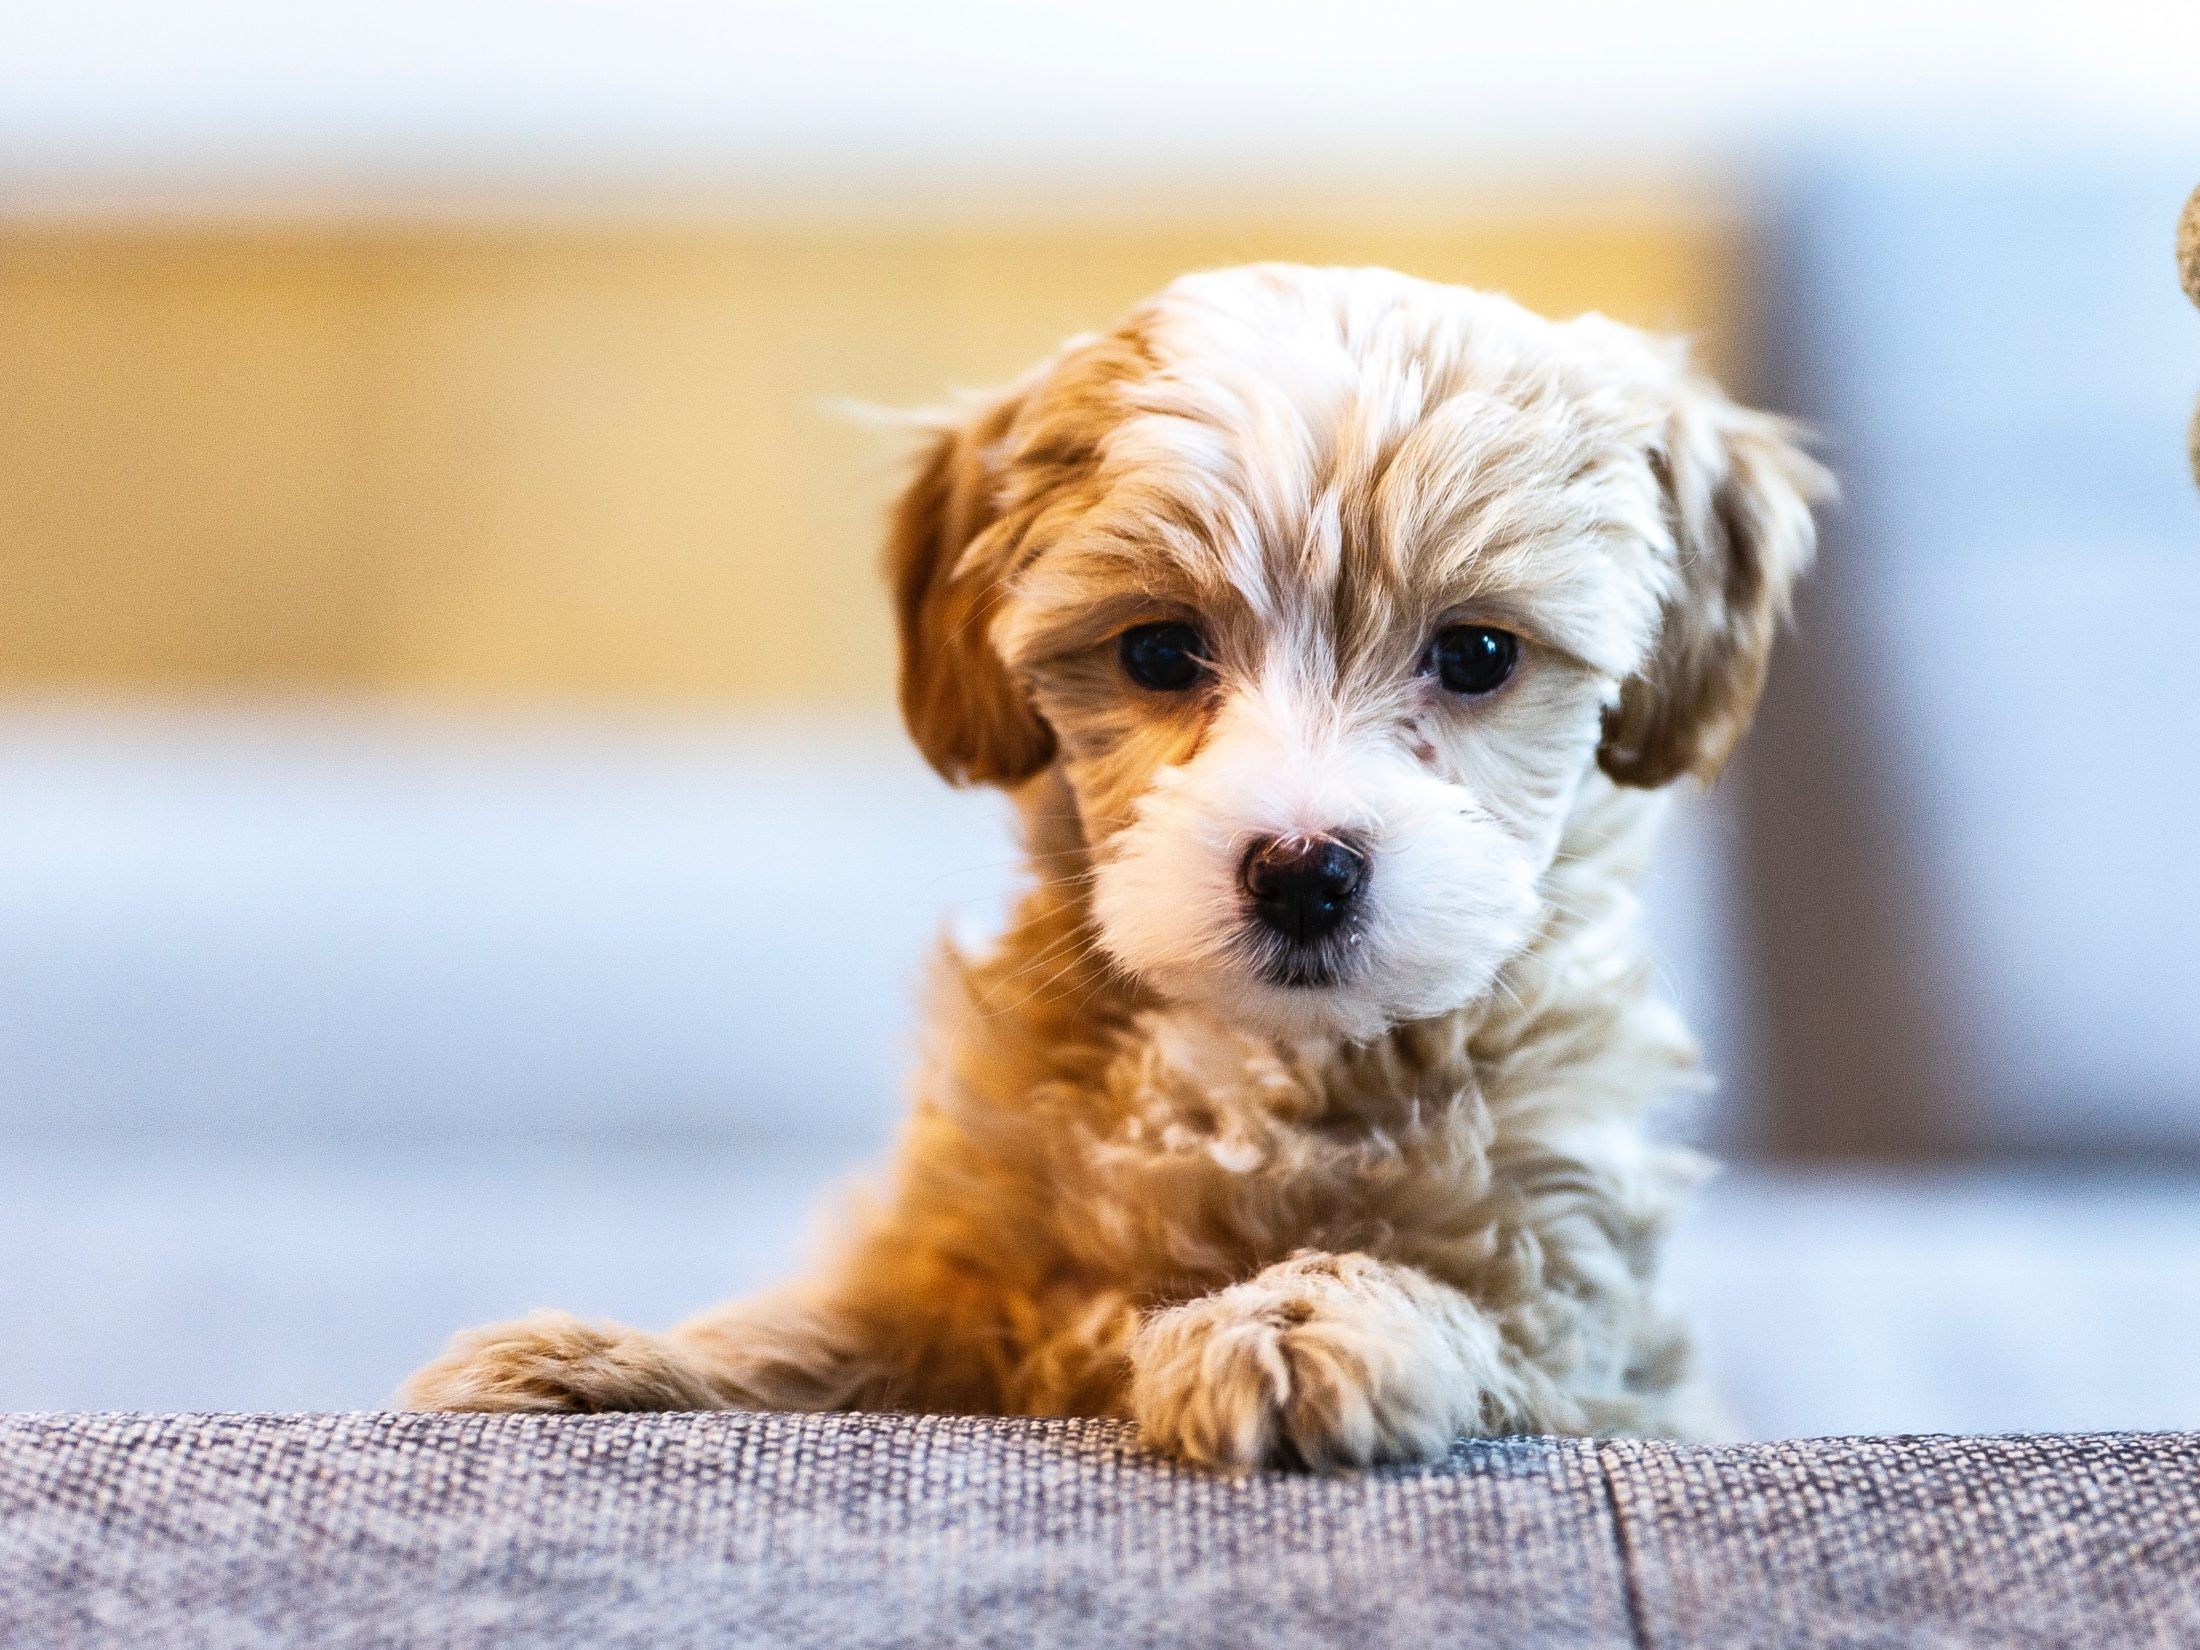 cuidados com cachorro: alimentos perigosos